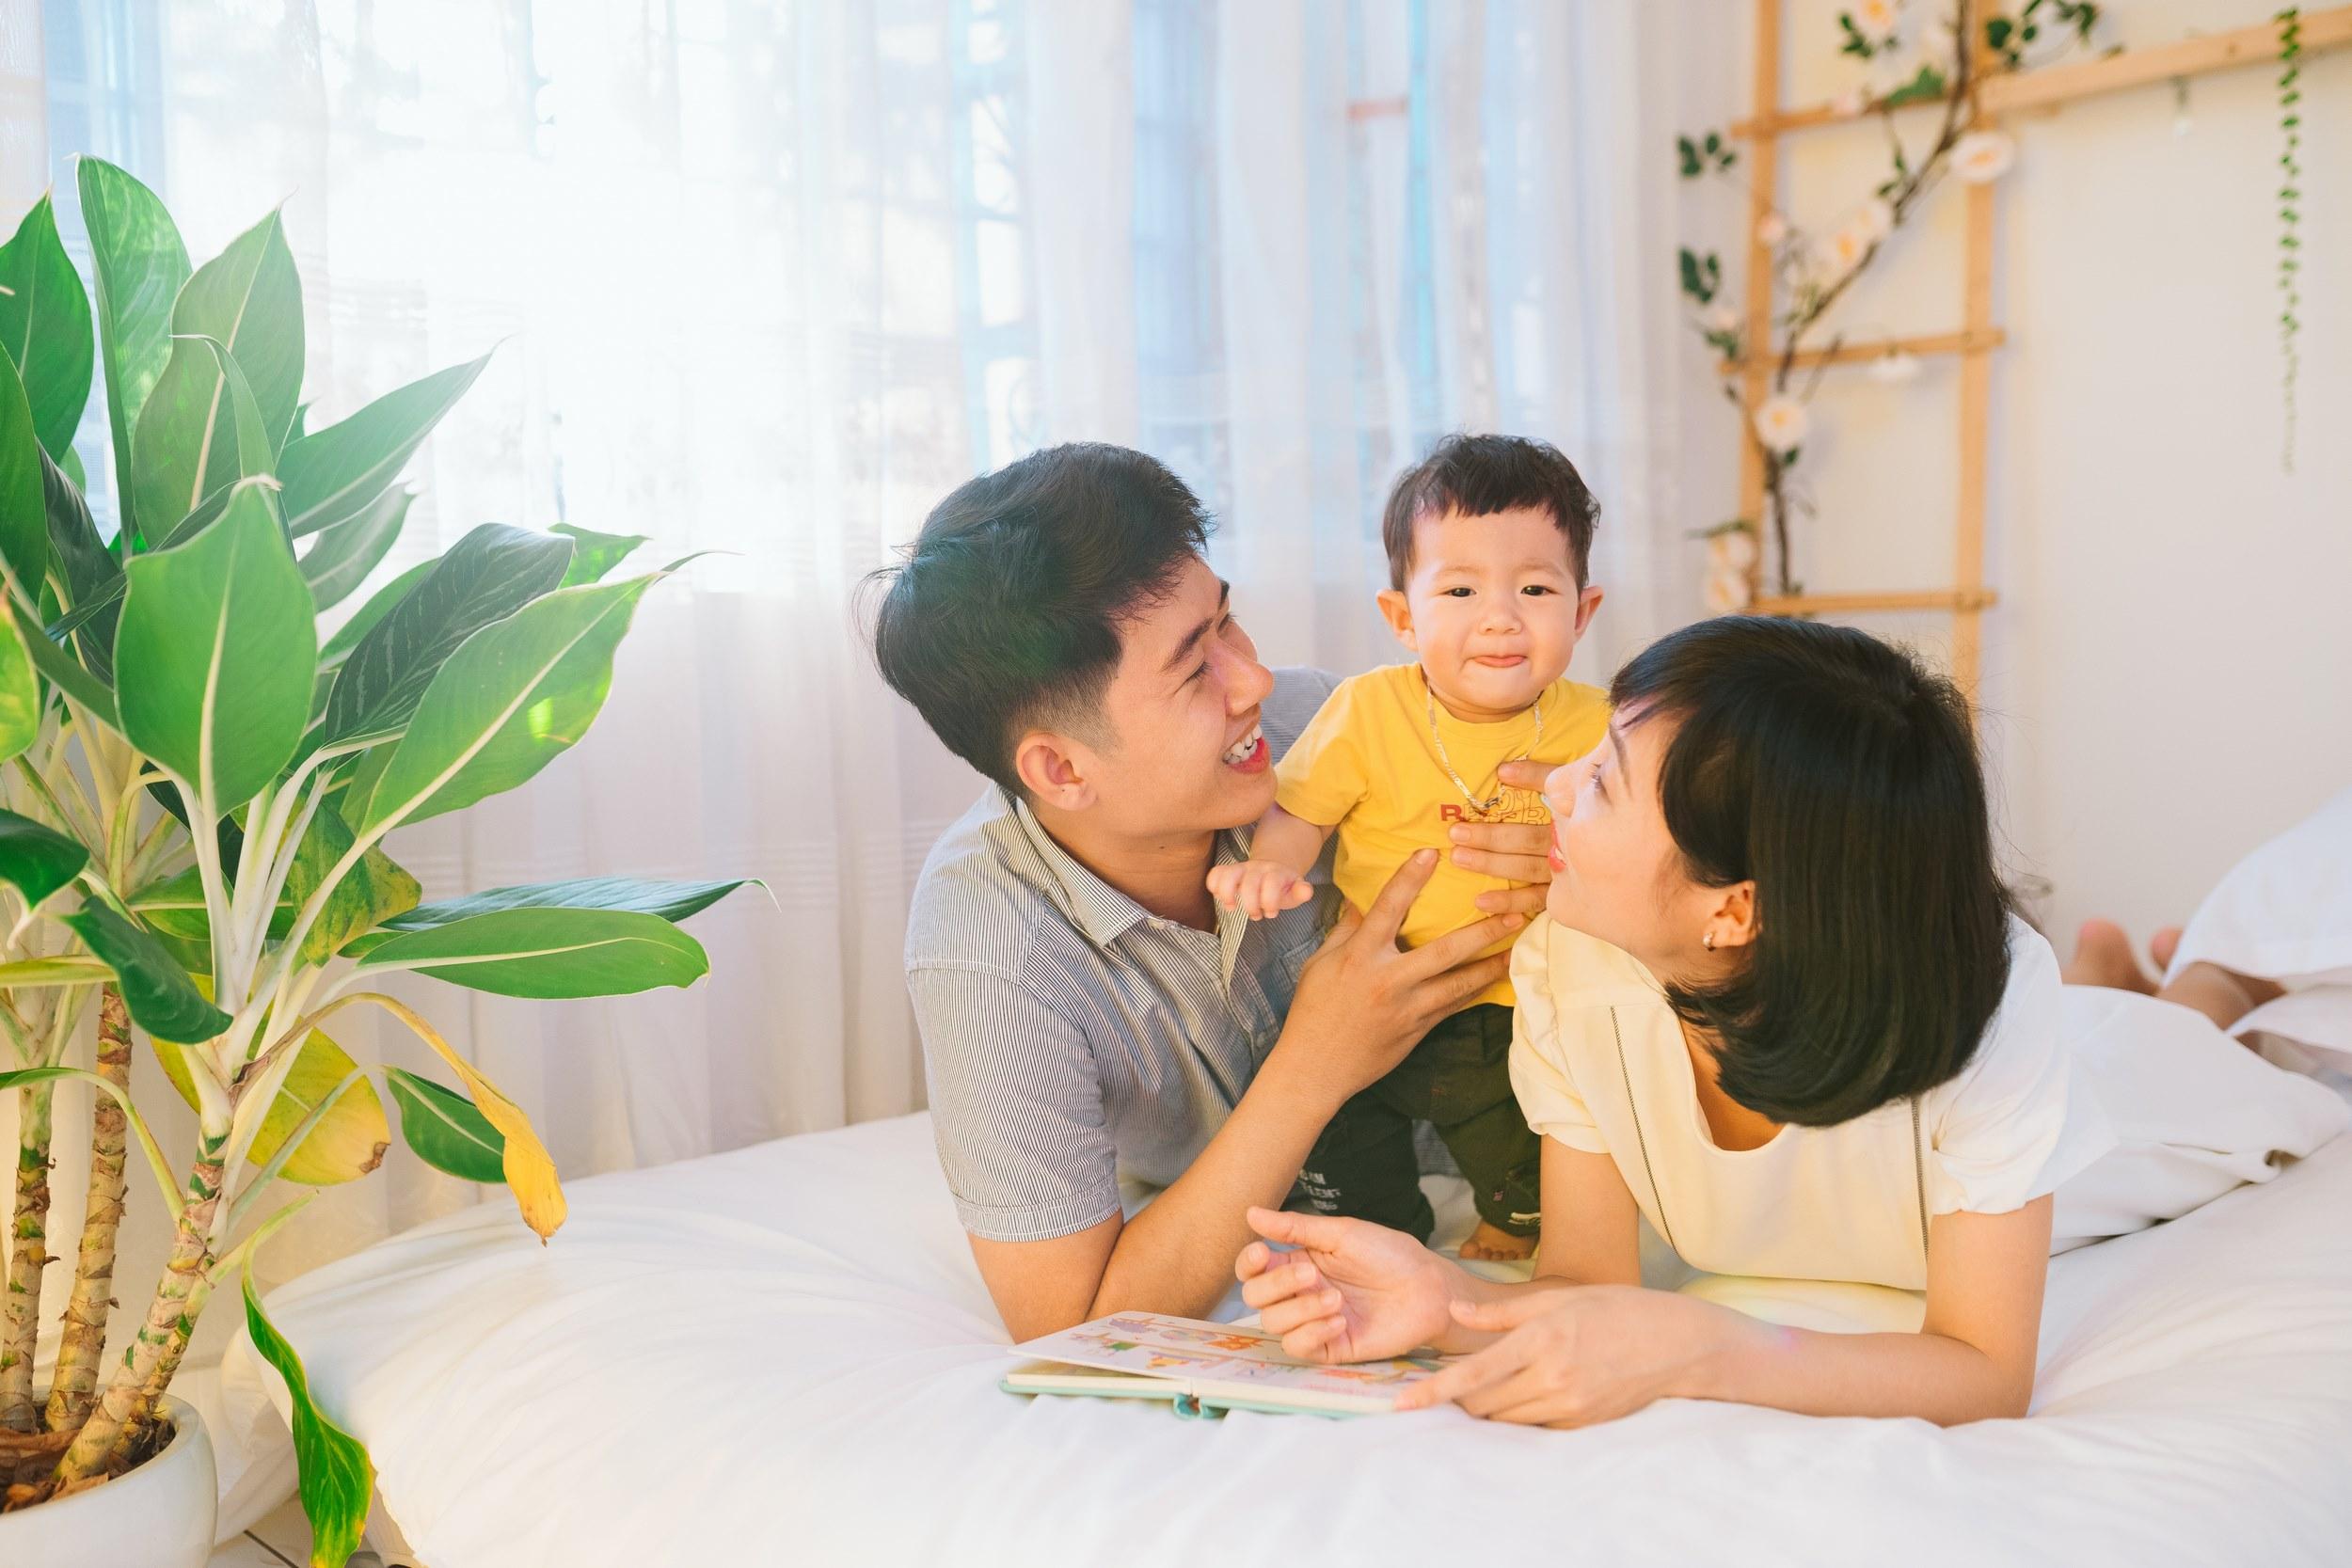 Chụp hình gia đình đẹp tại iBaby Studio Đà Nẵng